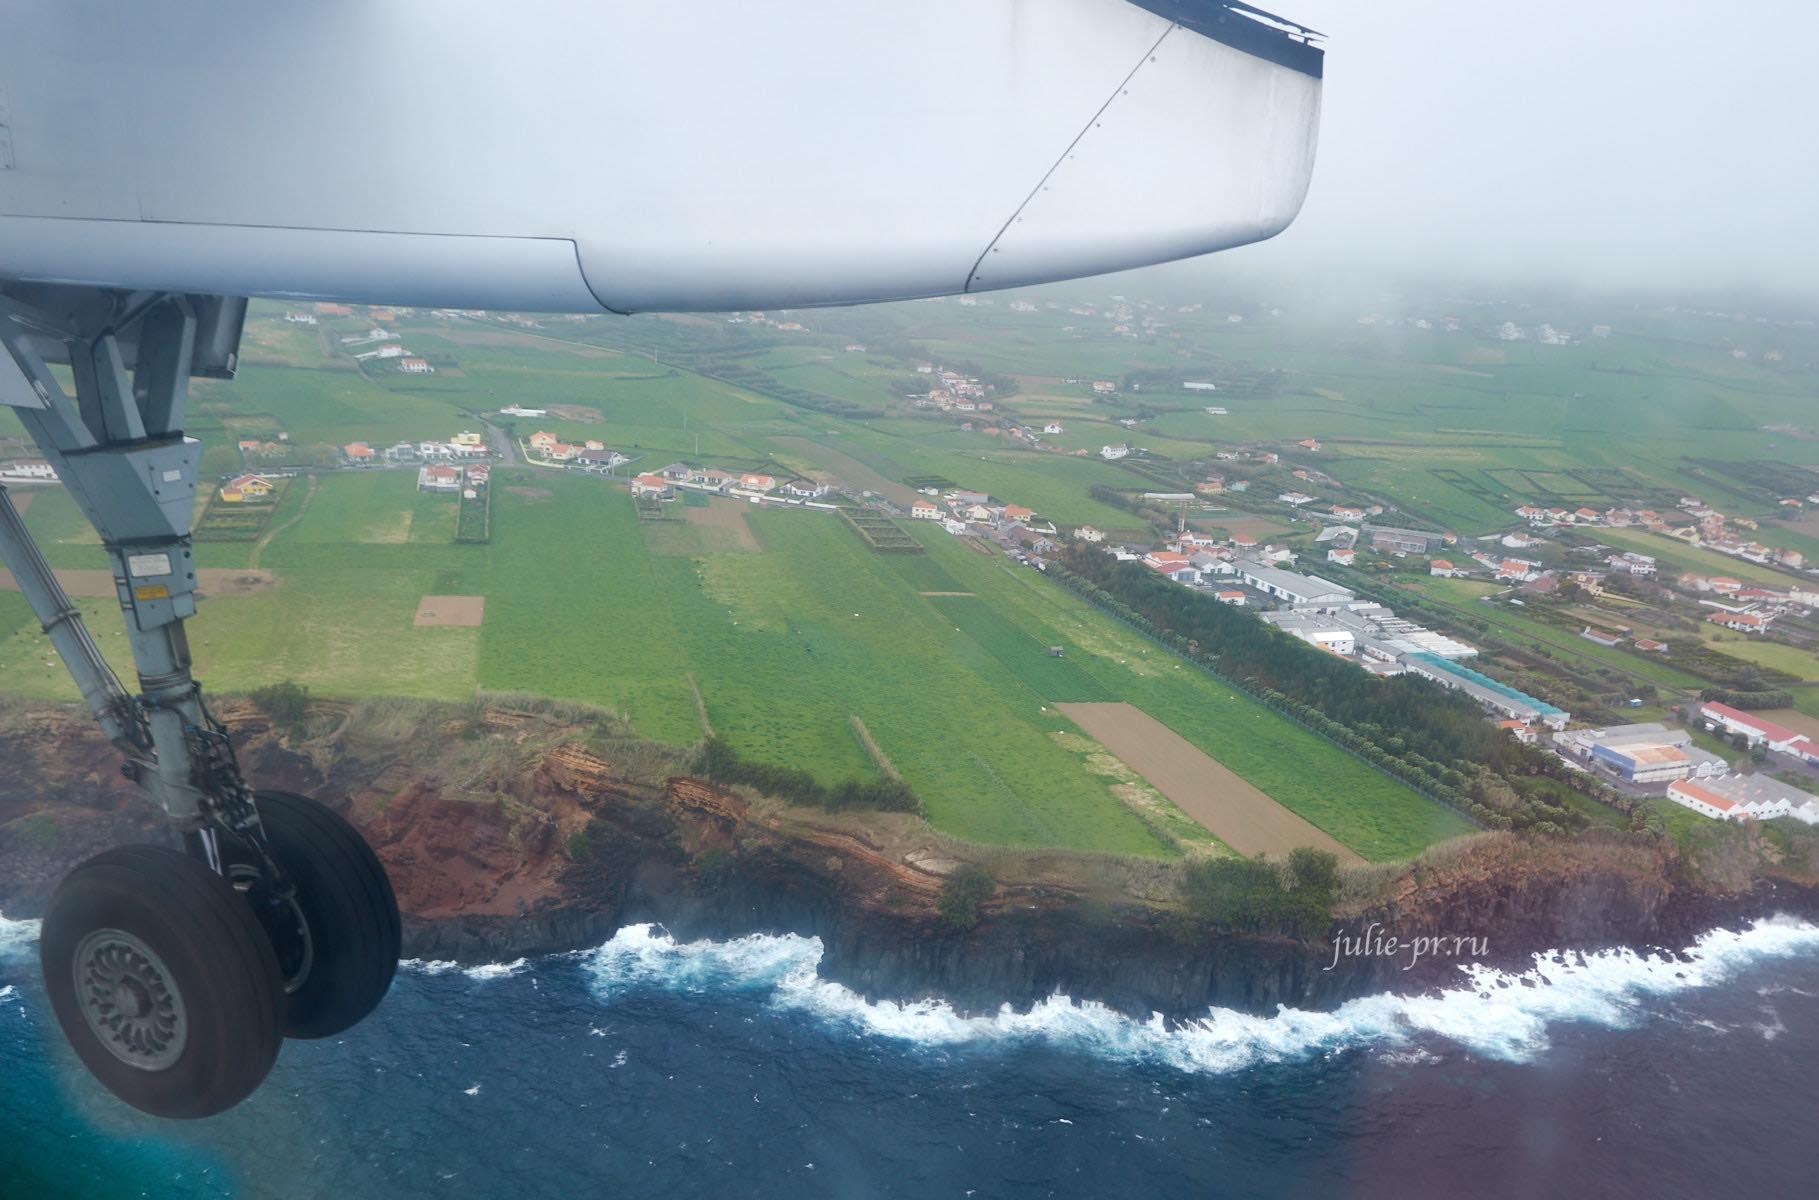 Азорские острова, Фаял